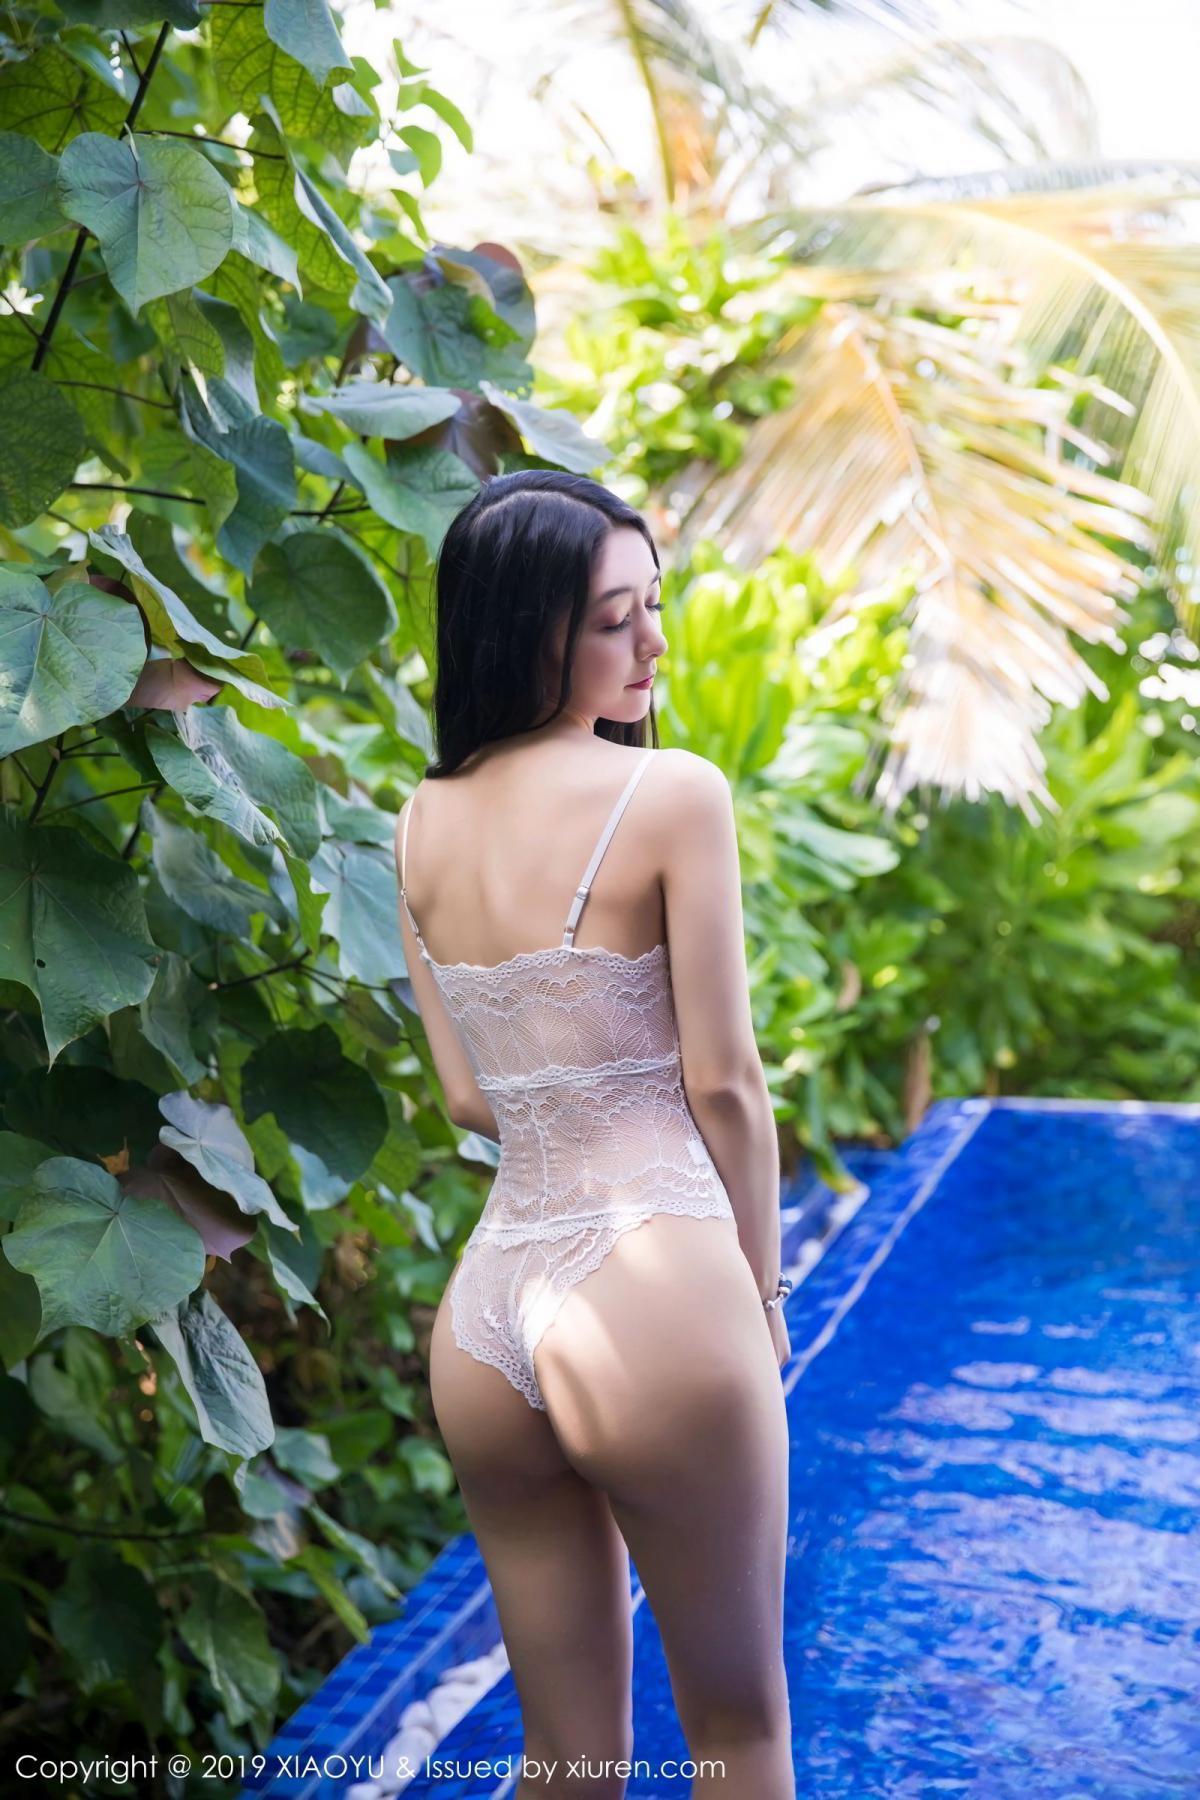 [XiaoYu] Vol.106 Di Yi 6P, Bikini, Di Yi, Swim Pool, Wet, XiaoYu